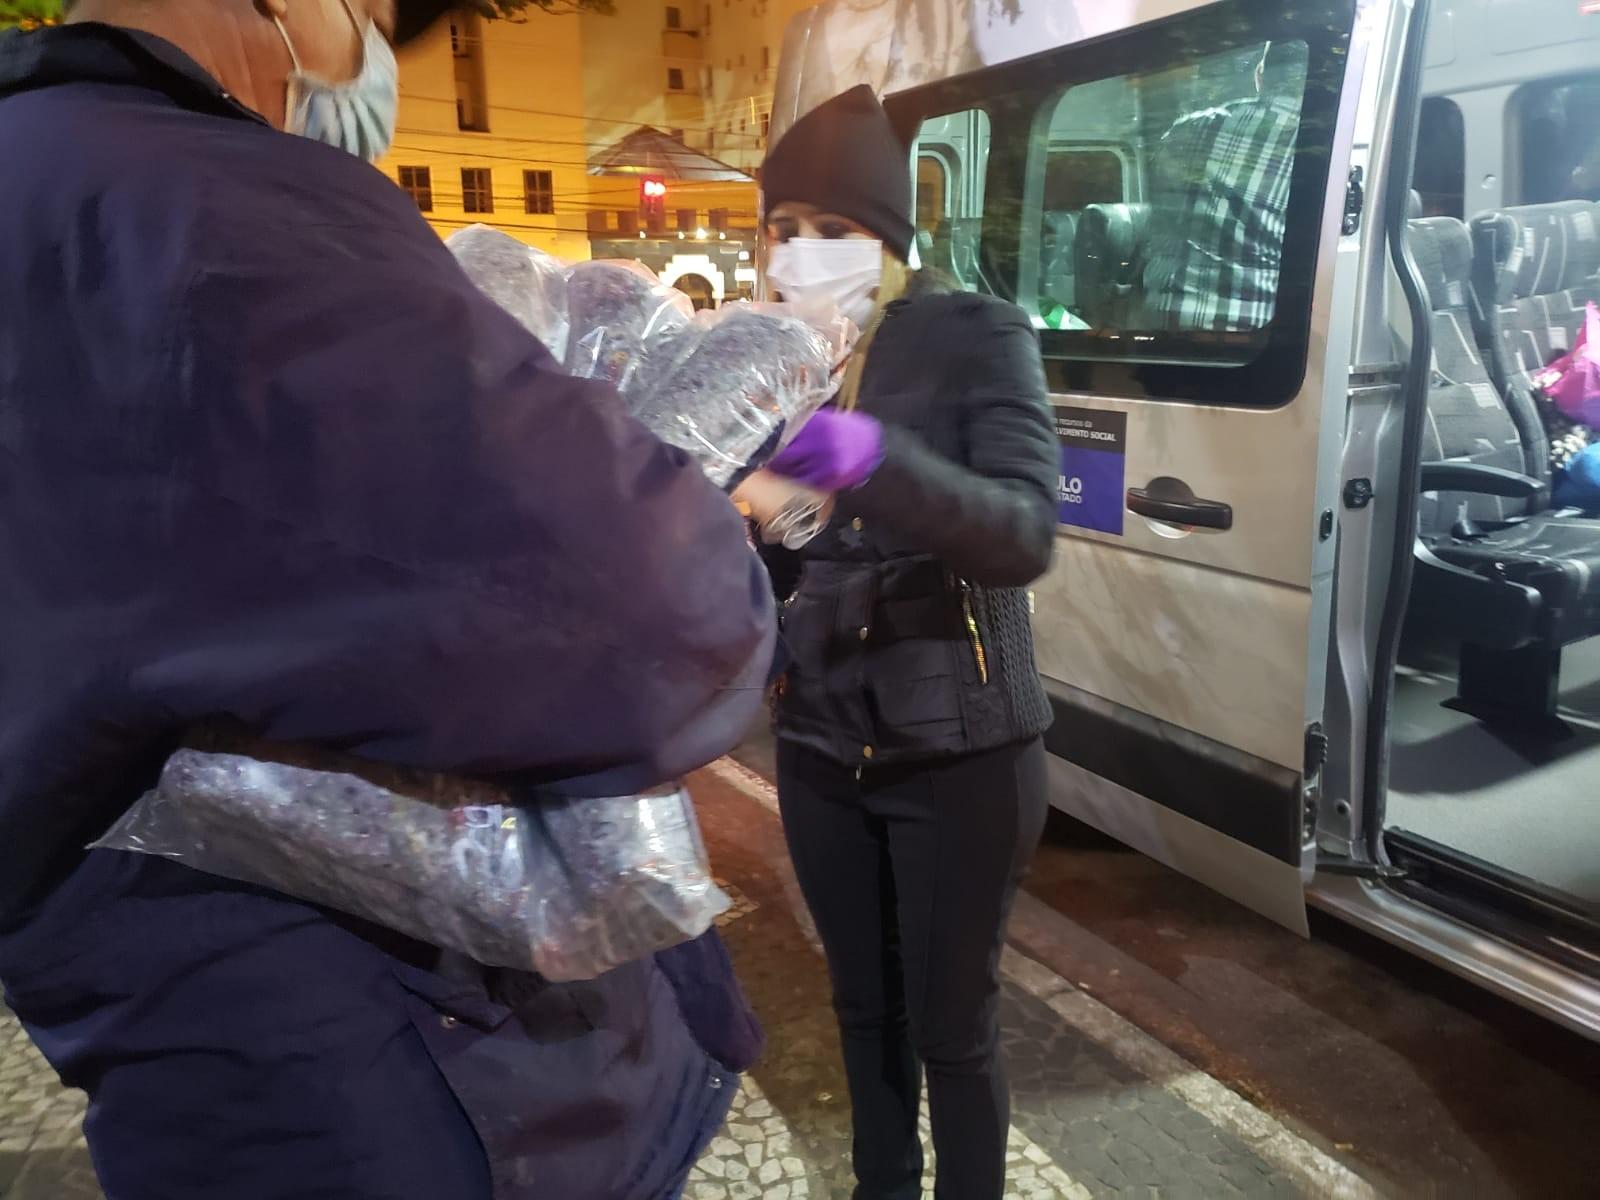 Onda de frio em Presidente Prudente leva à distribuição de cobertores para moradores de rua